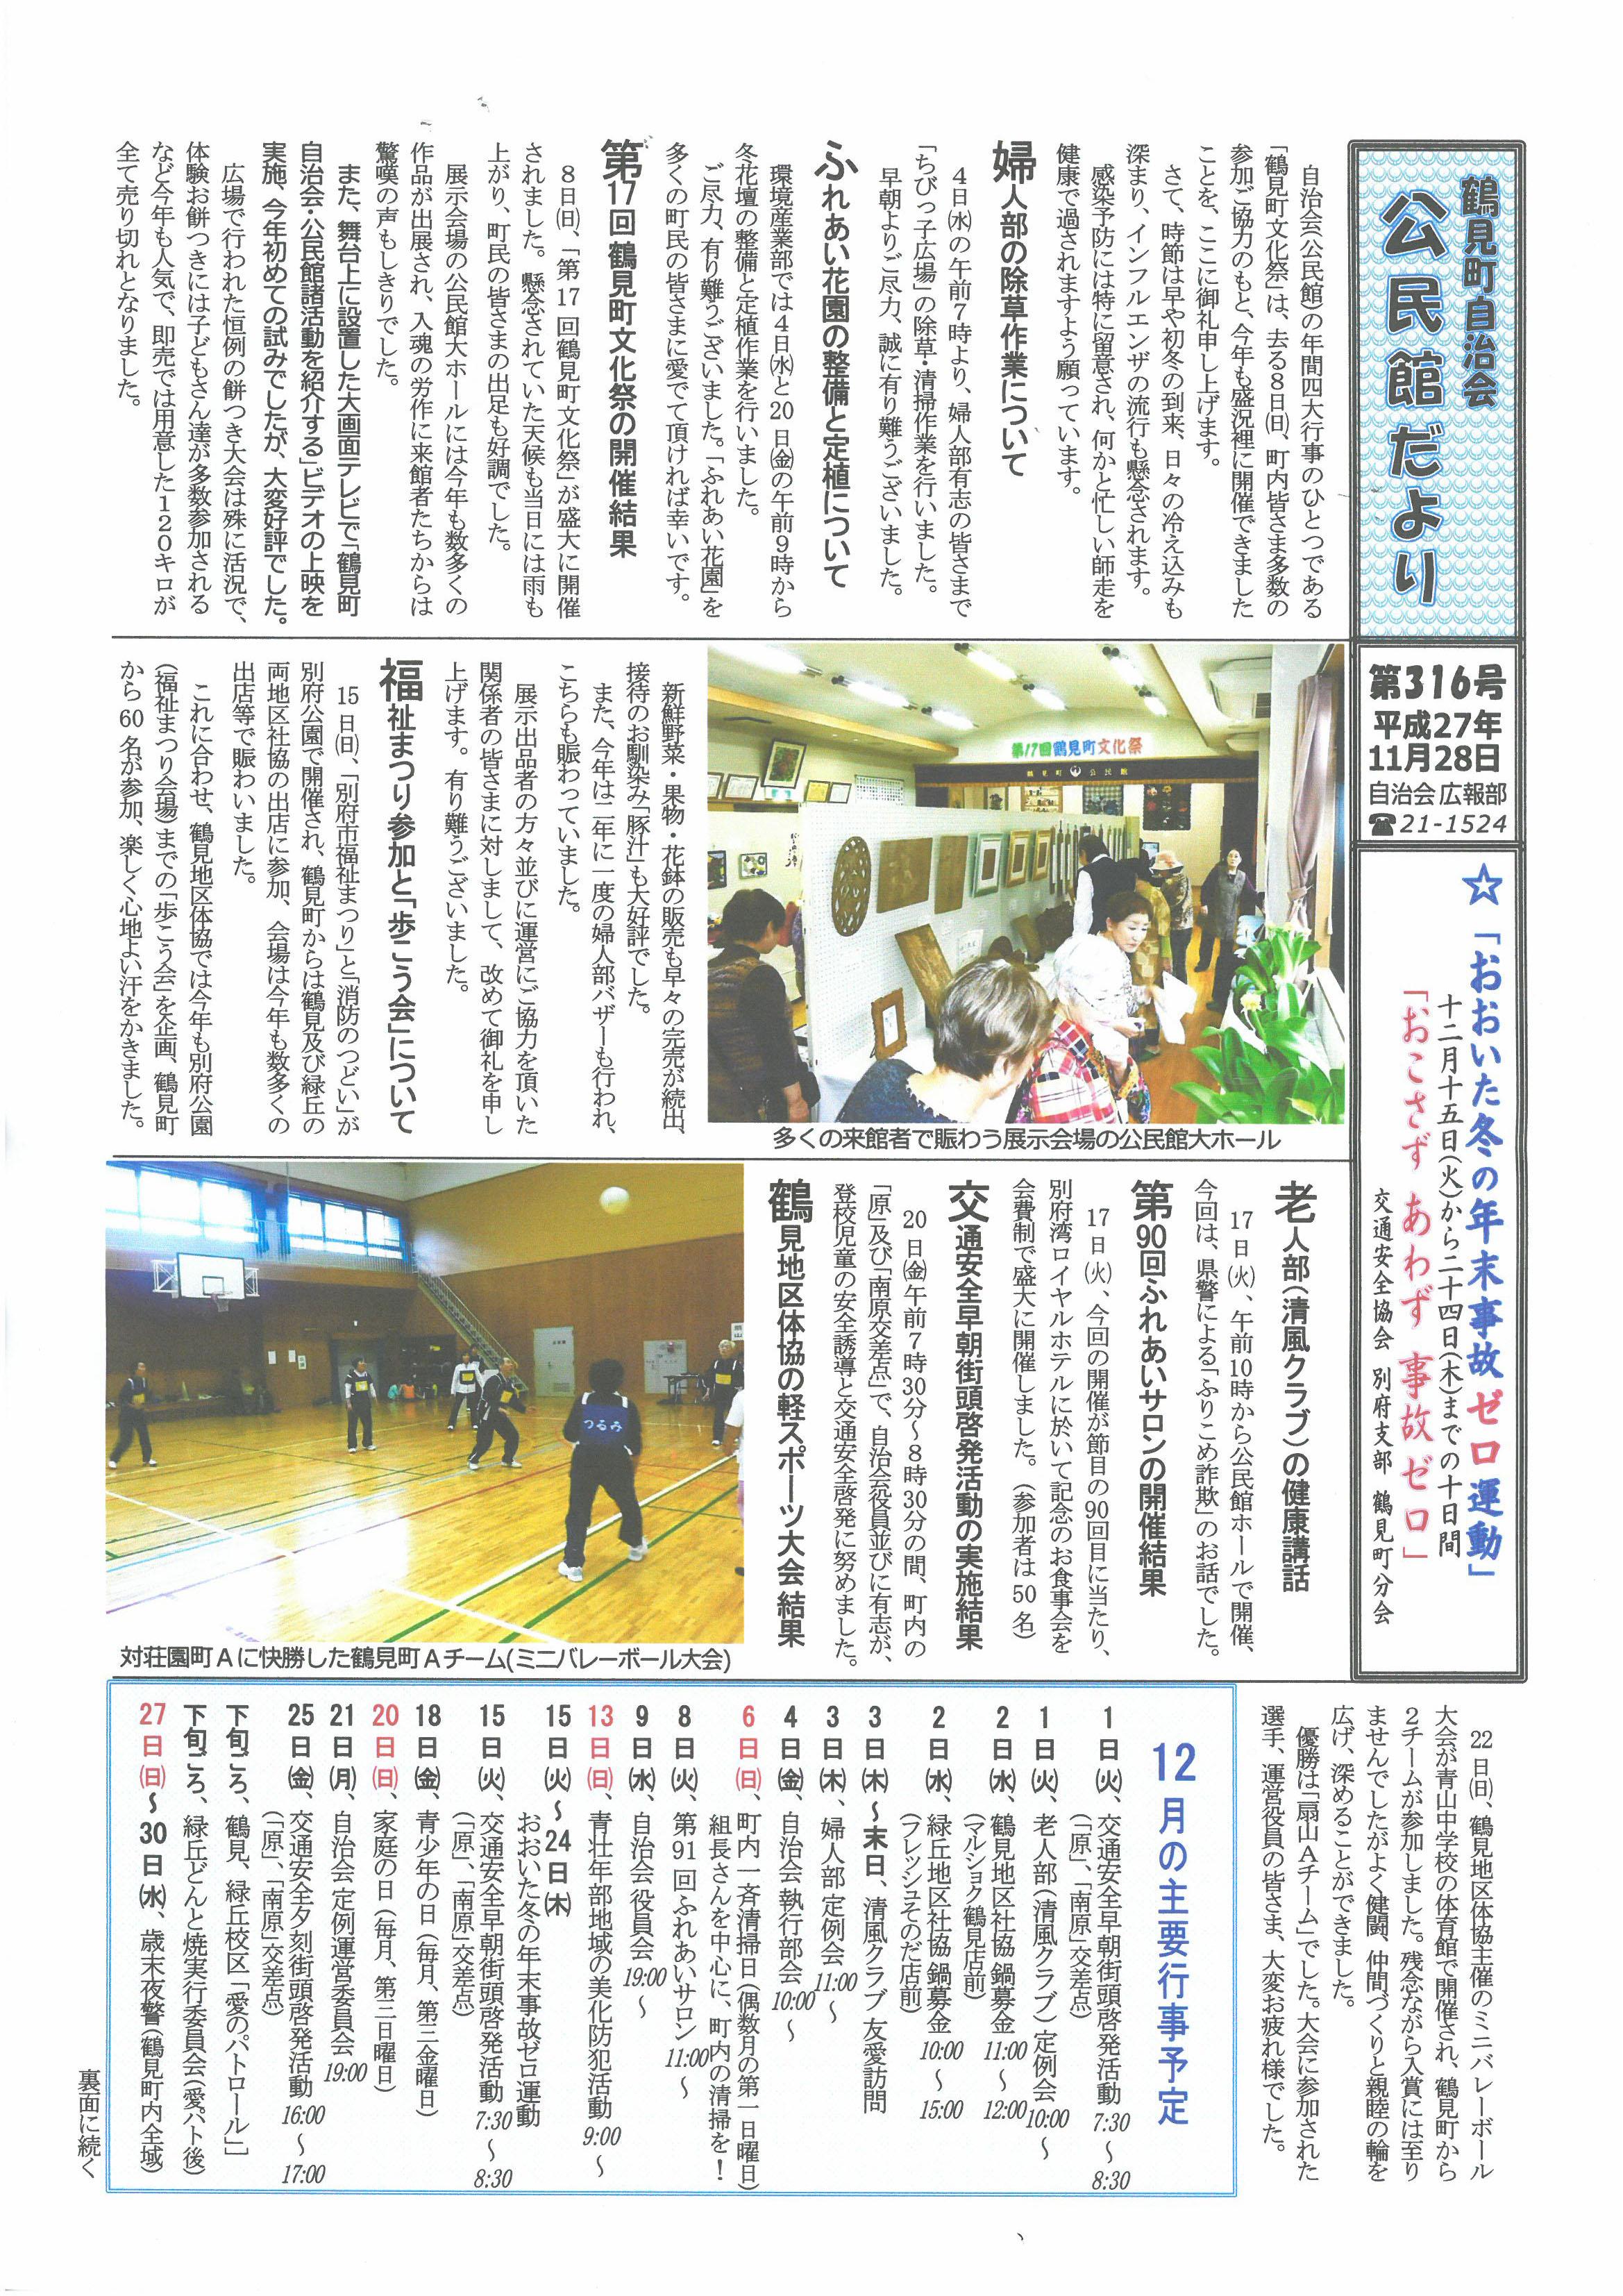 tsurumi2015_12_01